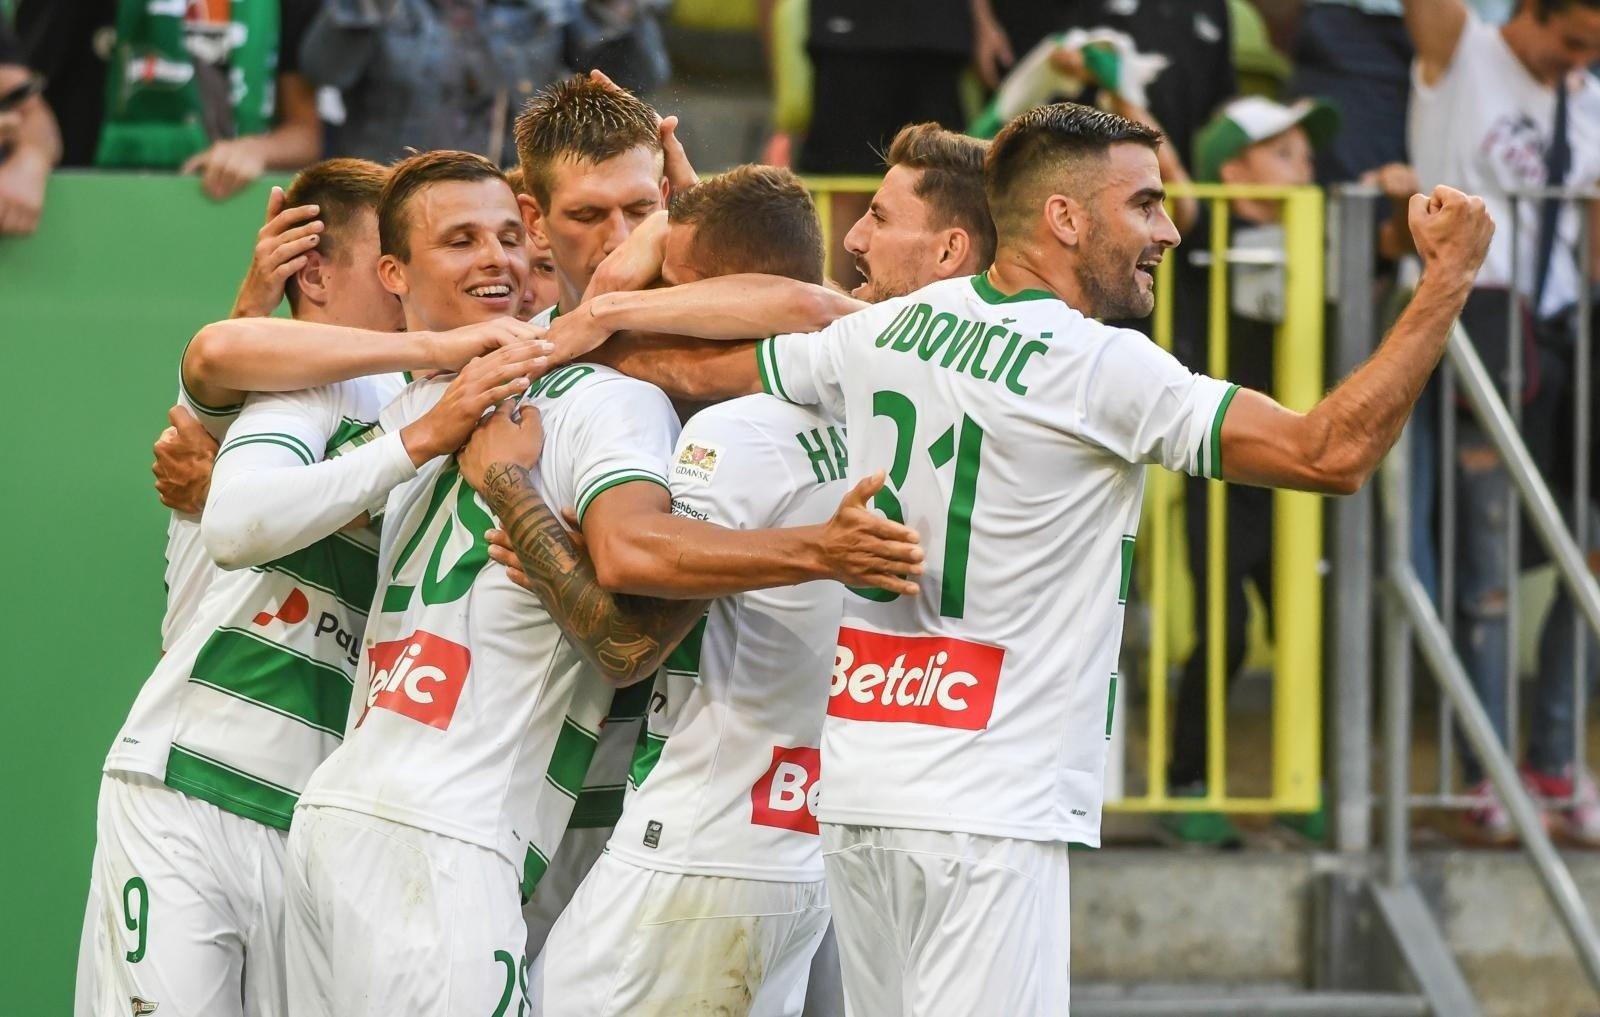 Karol Fila po meczu z Brøndby IF [WIDEO] Gdańsk Strefa